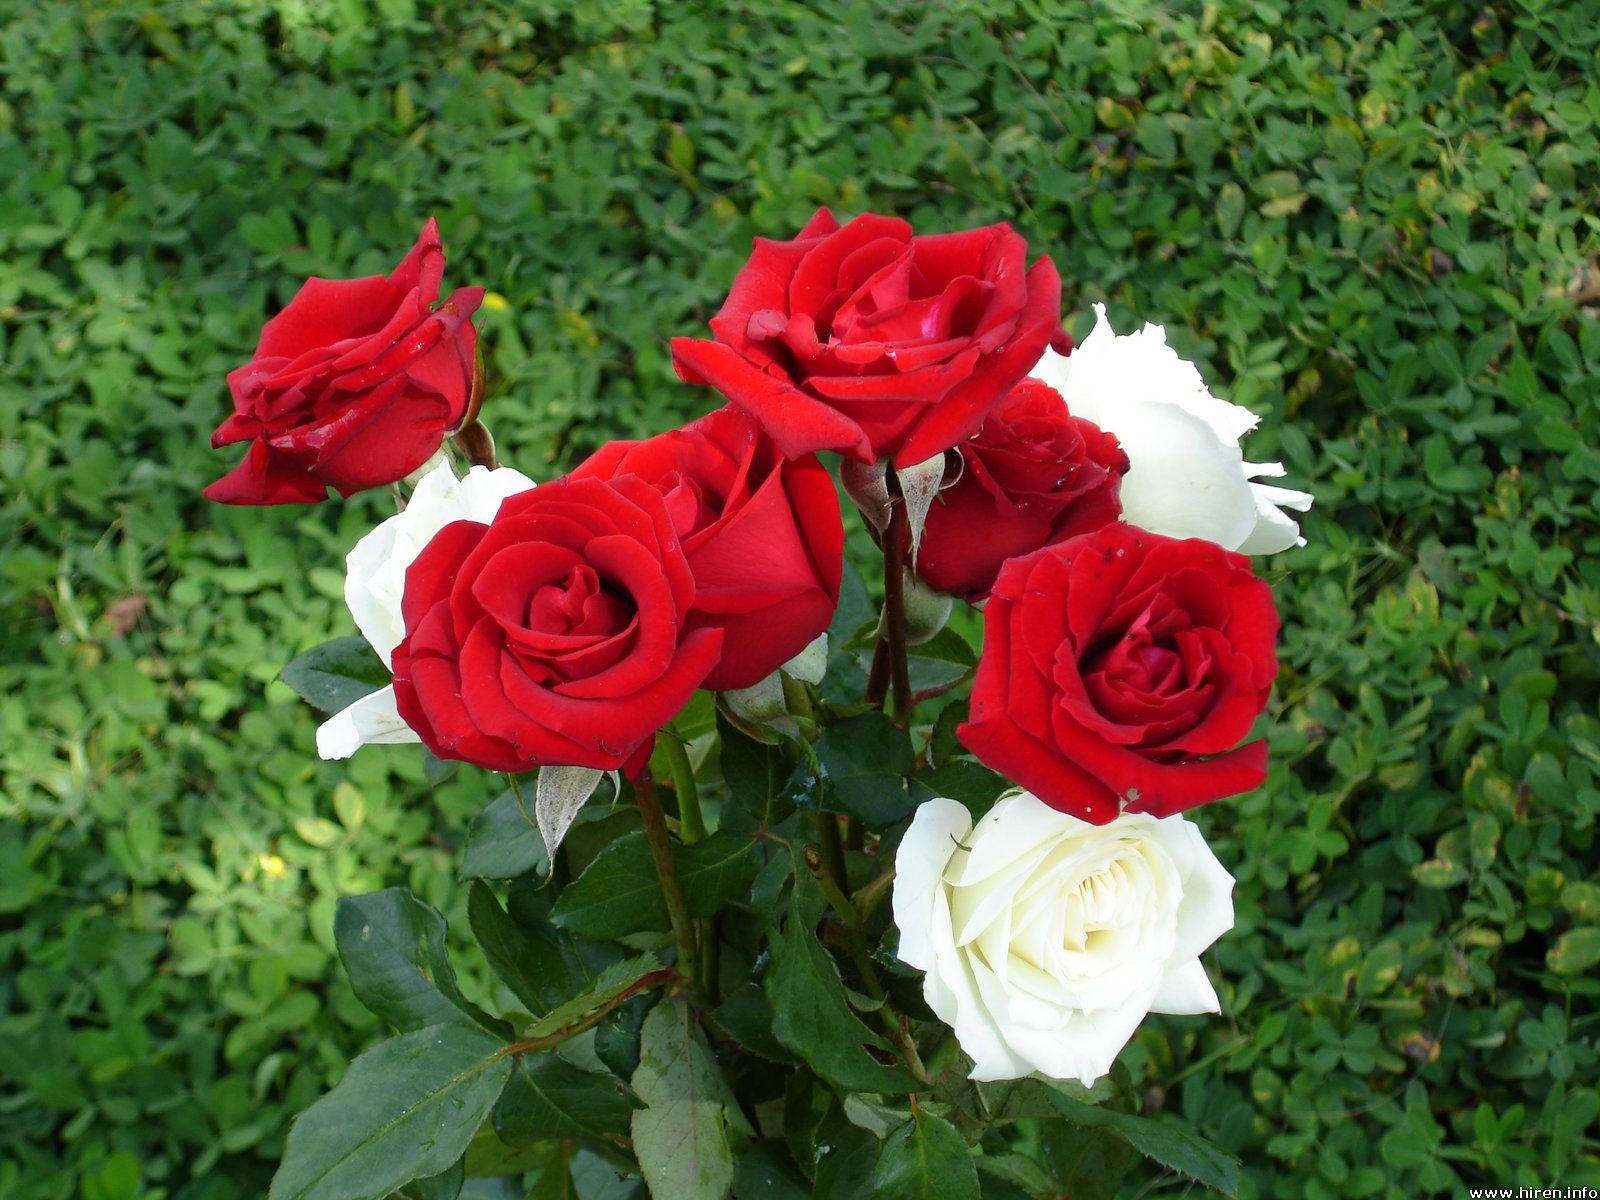 Rose Flower Loving A Prophet